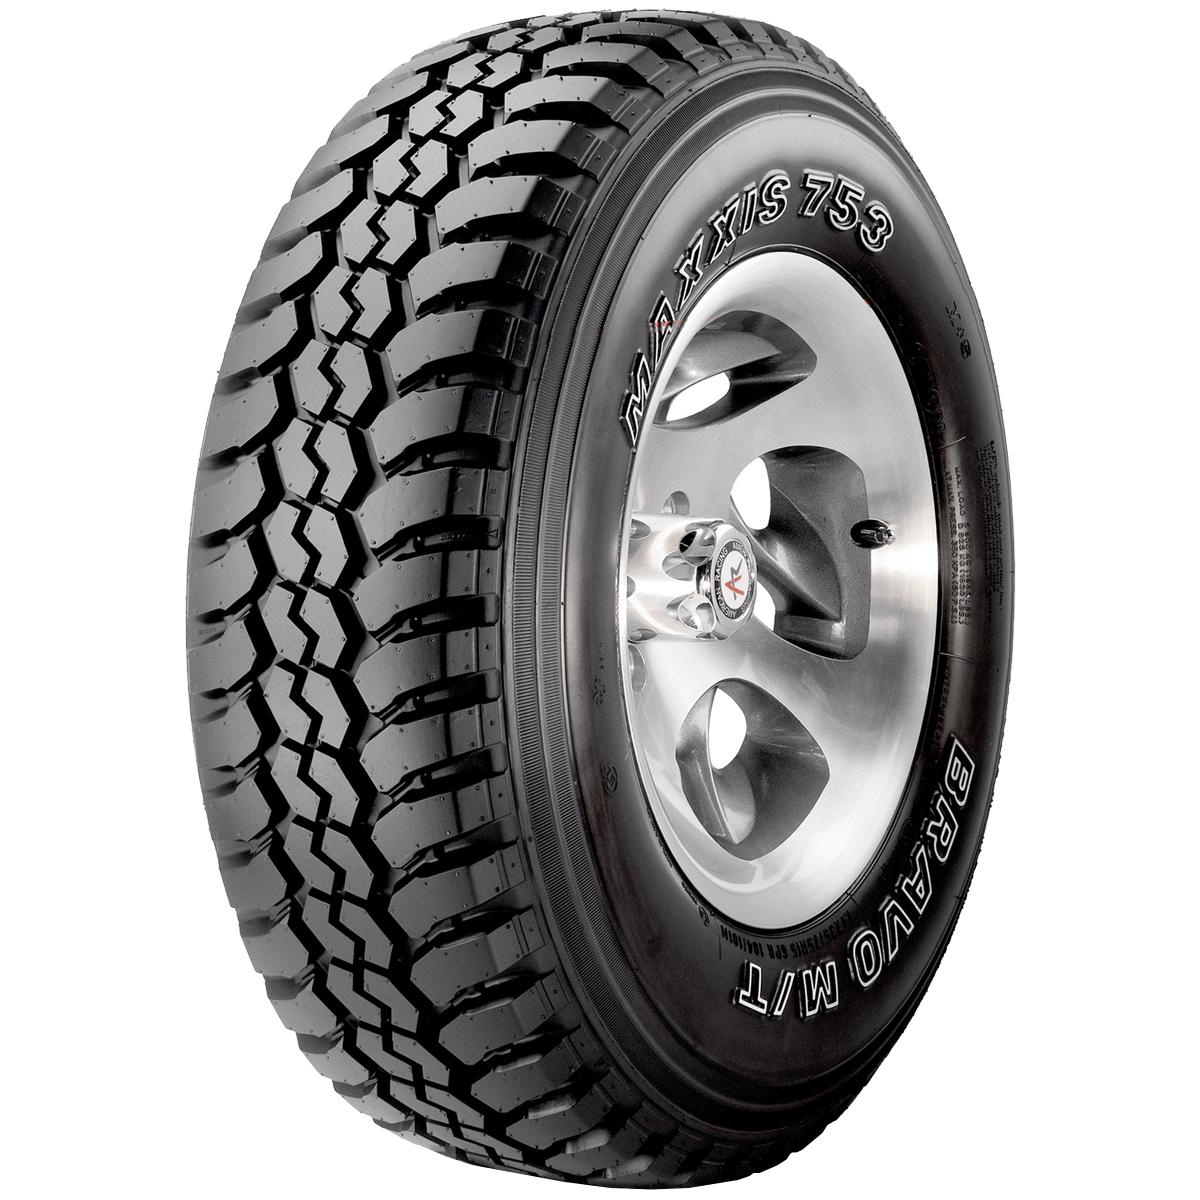 Maxxis 185/80R14 102Q MT753 nyári kisteher gumiabroncs